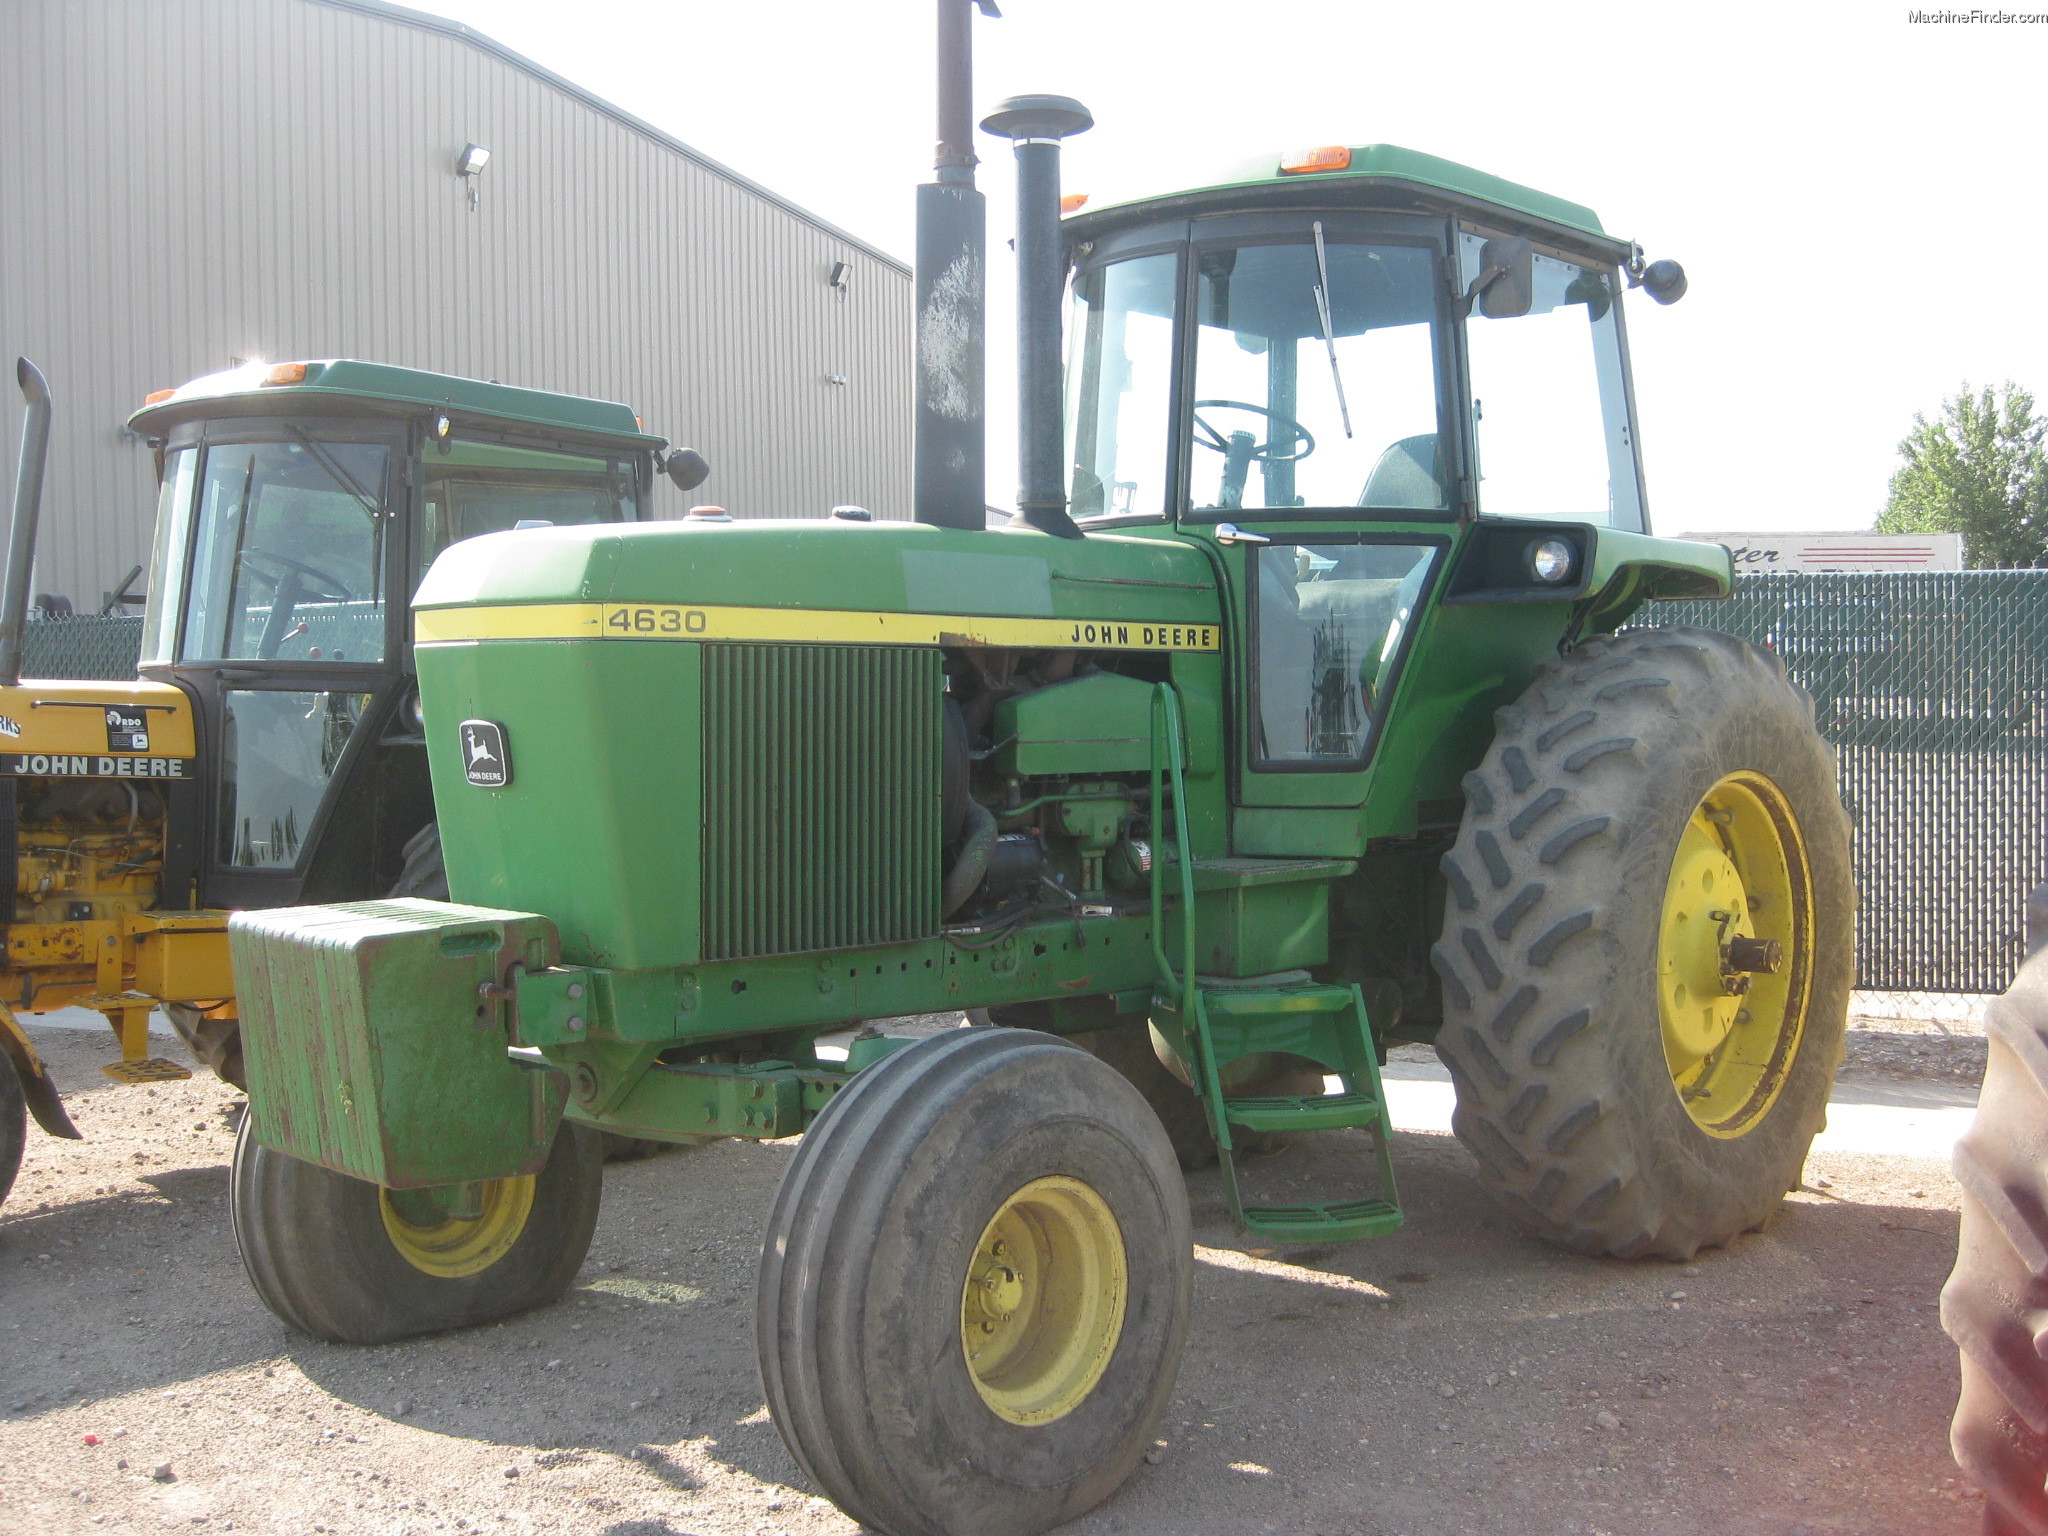 John Deere 4630 Tractor More Tractors Wiring Harness 4020 Parts Ebay